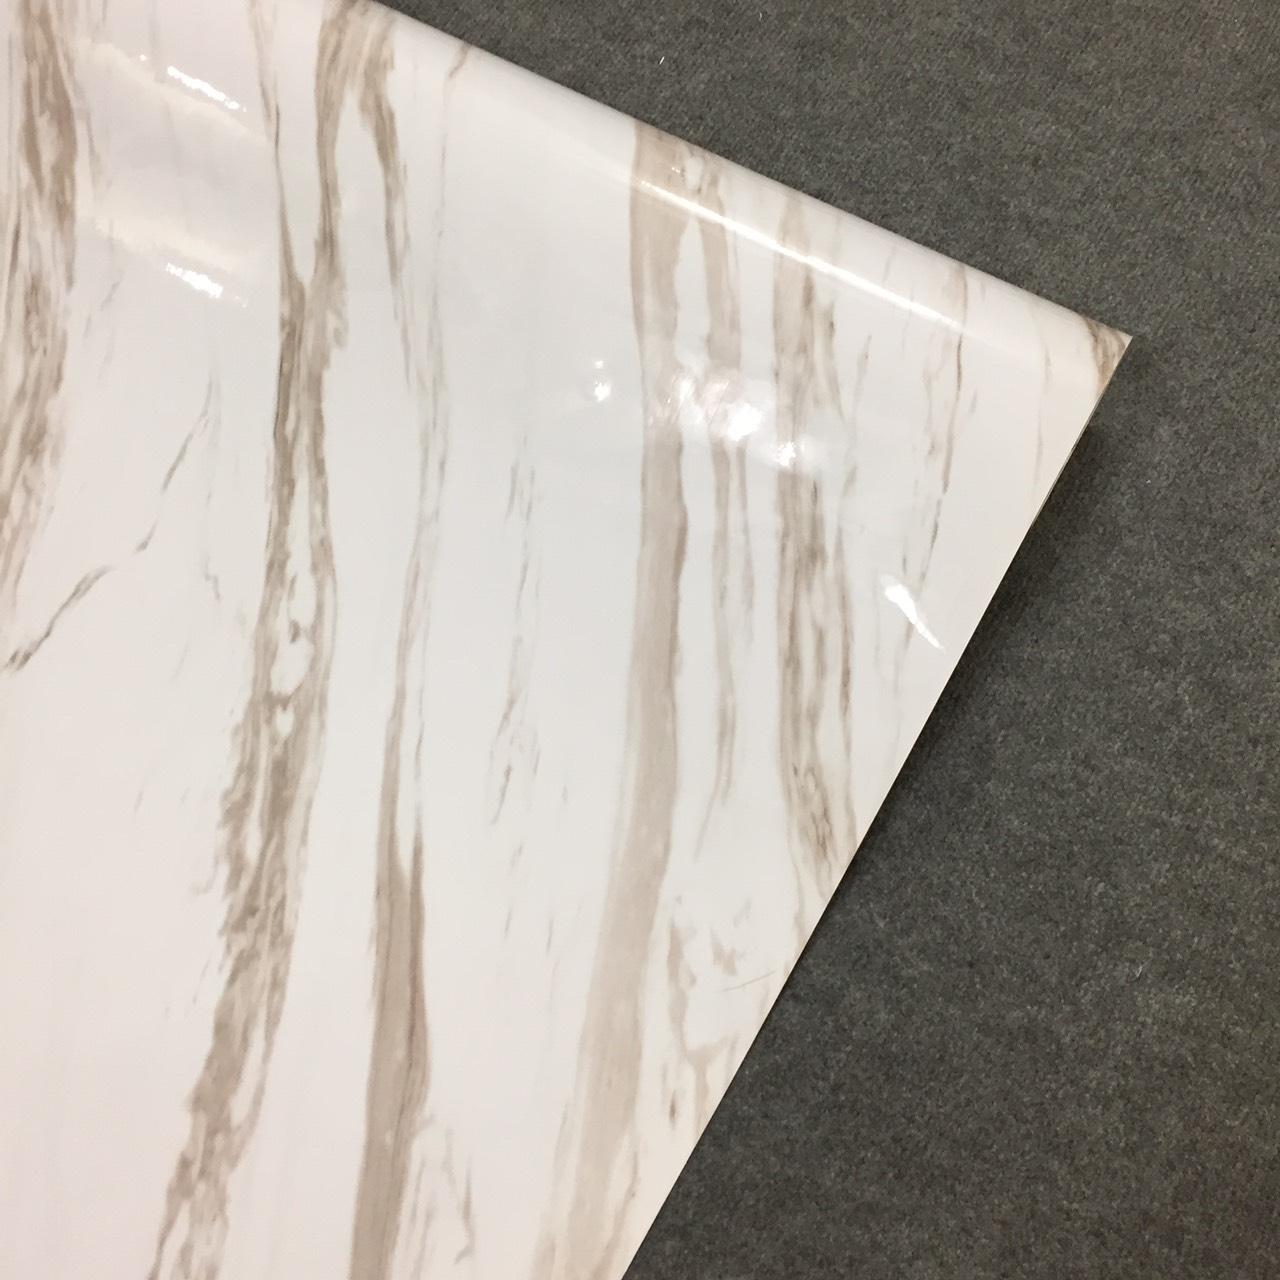 Decal vân đá hoa cương trắng vân to - Giấy dán tường bàn tủ bếp có sẵn keo ( khổ 1,2m - Mẫu D2 )